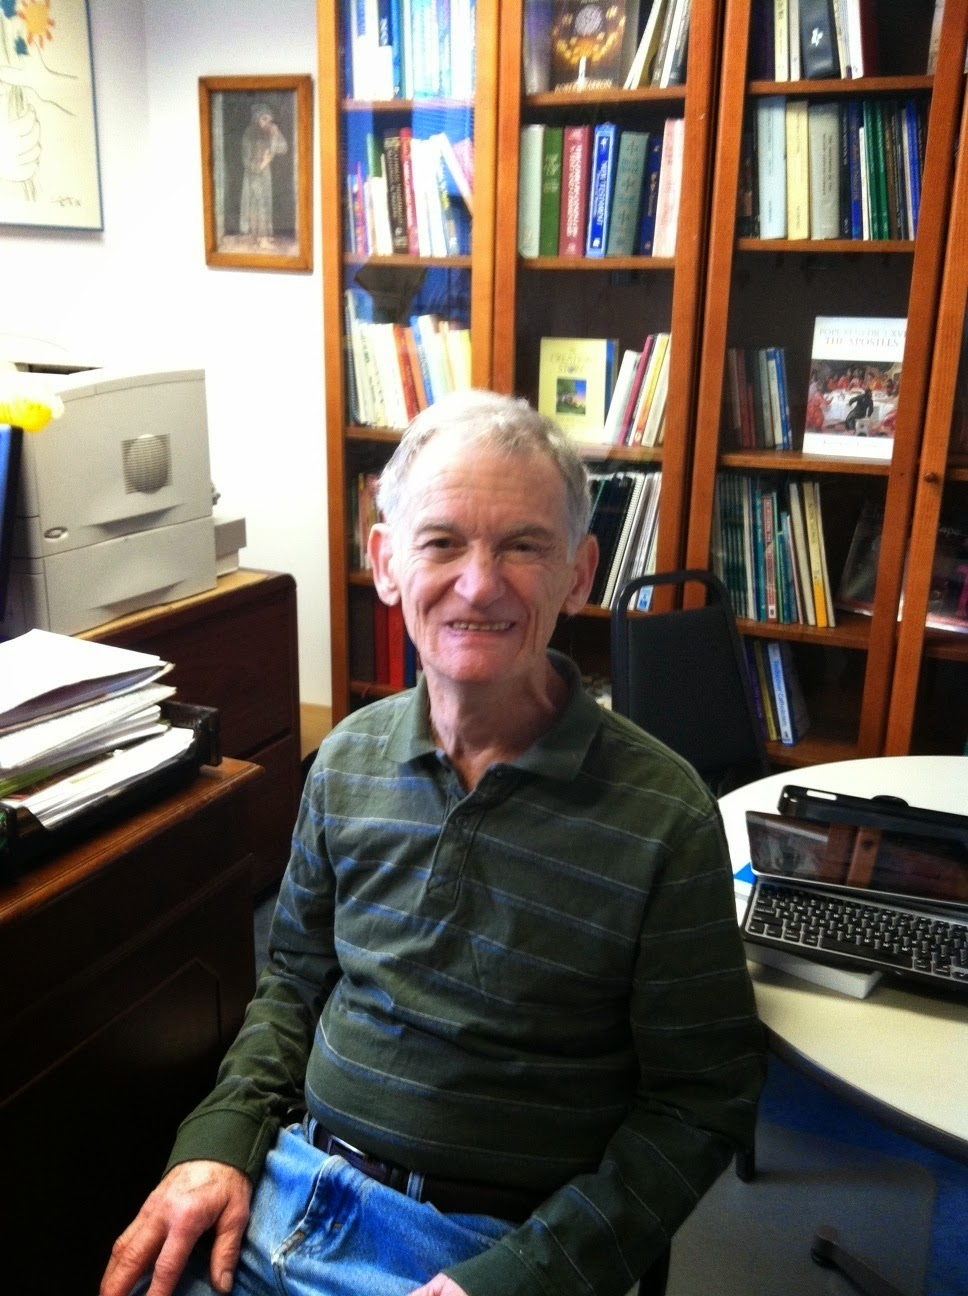 Martin Benton